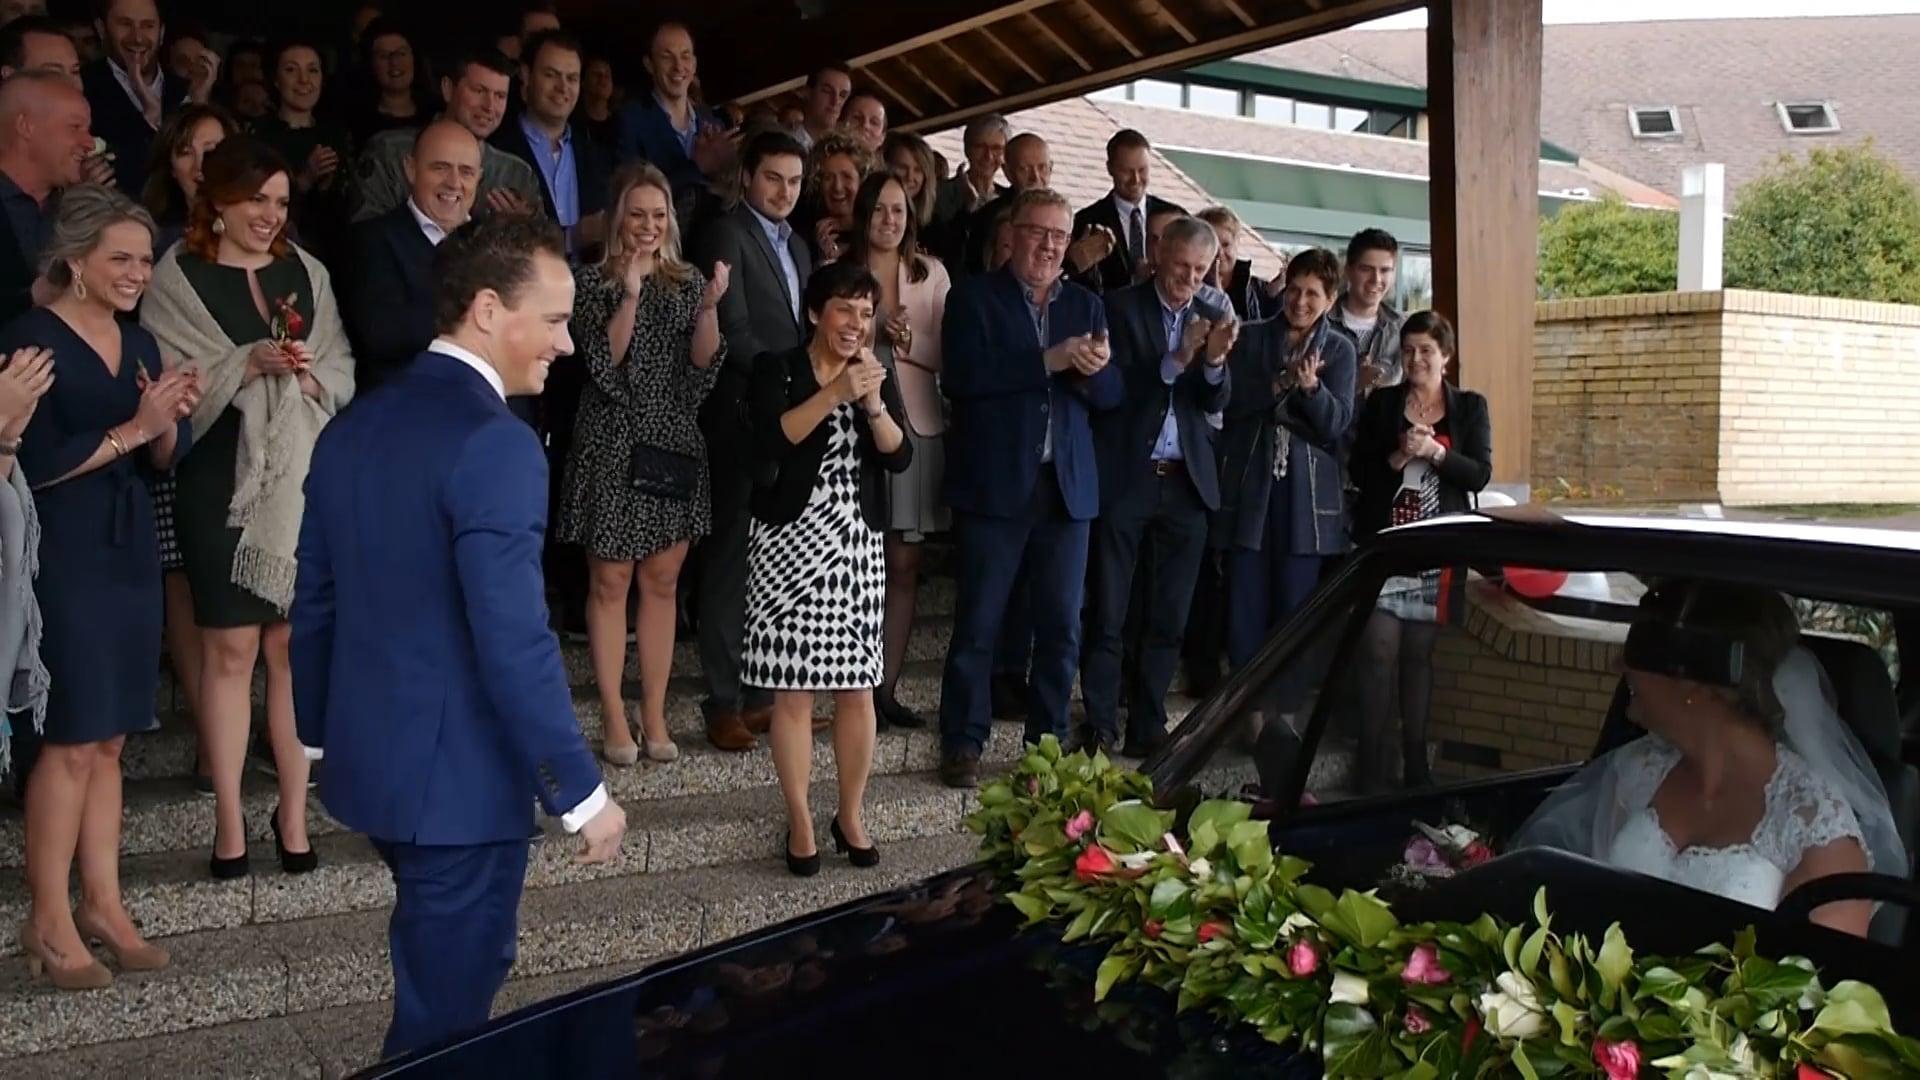 Bruiloft (wedding) - Rob en Jolijn